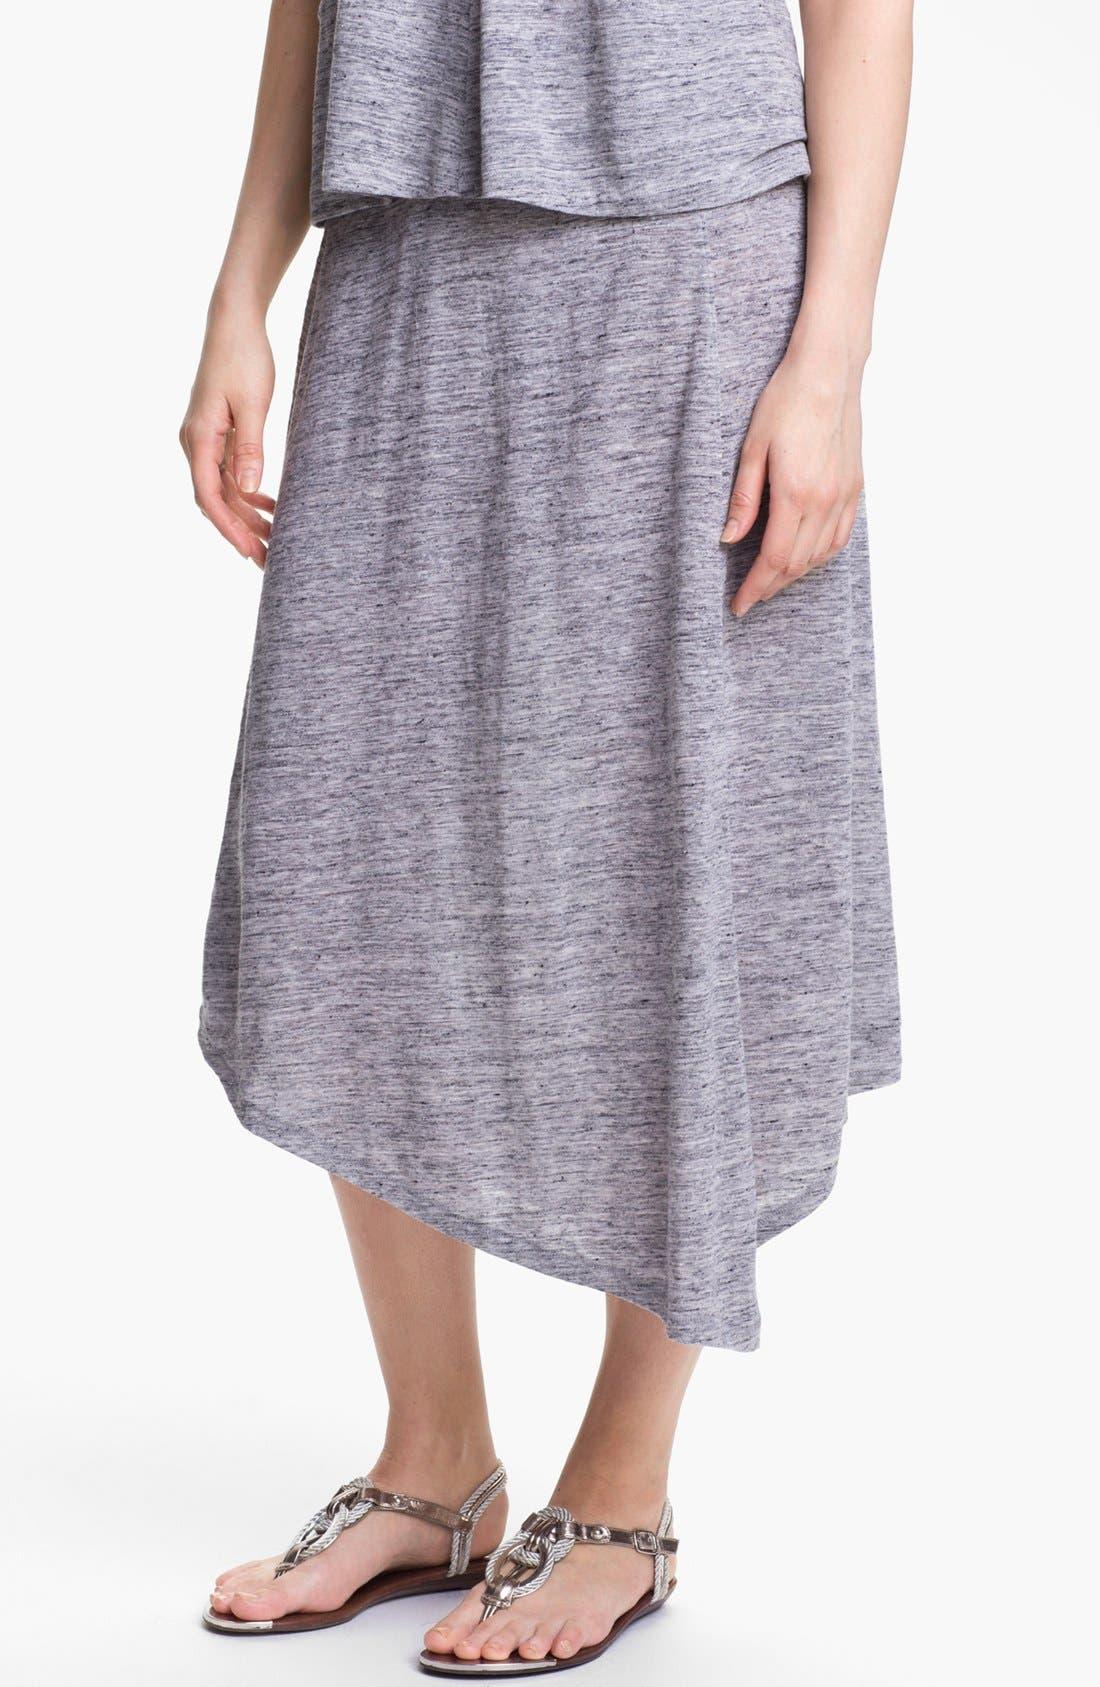 Alternate Image 1 Selected - Eileen Fisher Asymmetrical Swing Skirt (Petite)